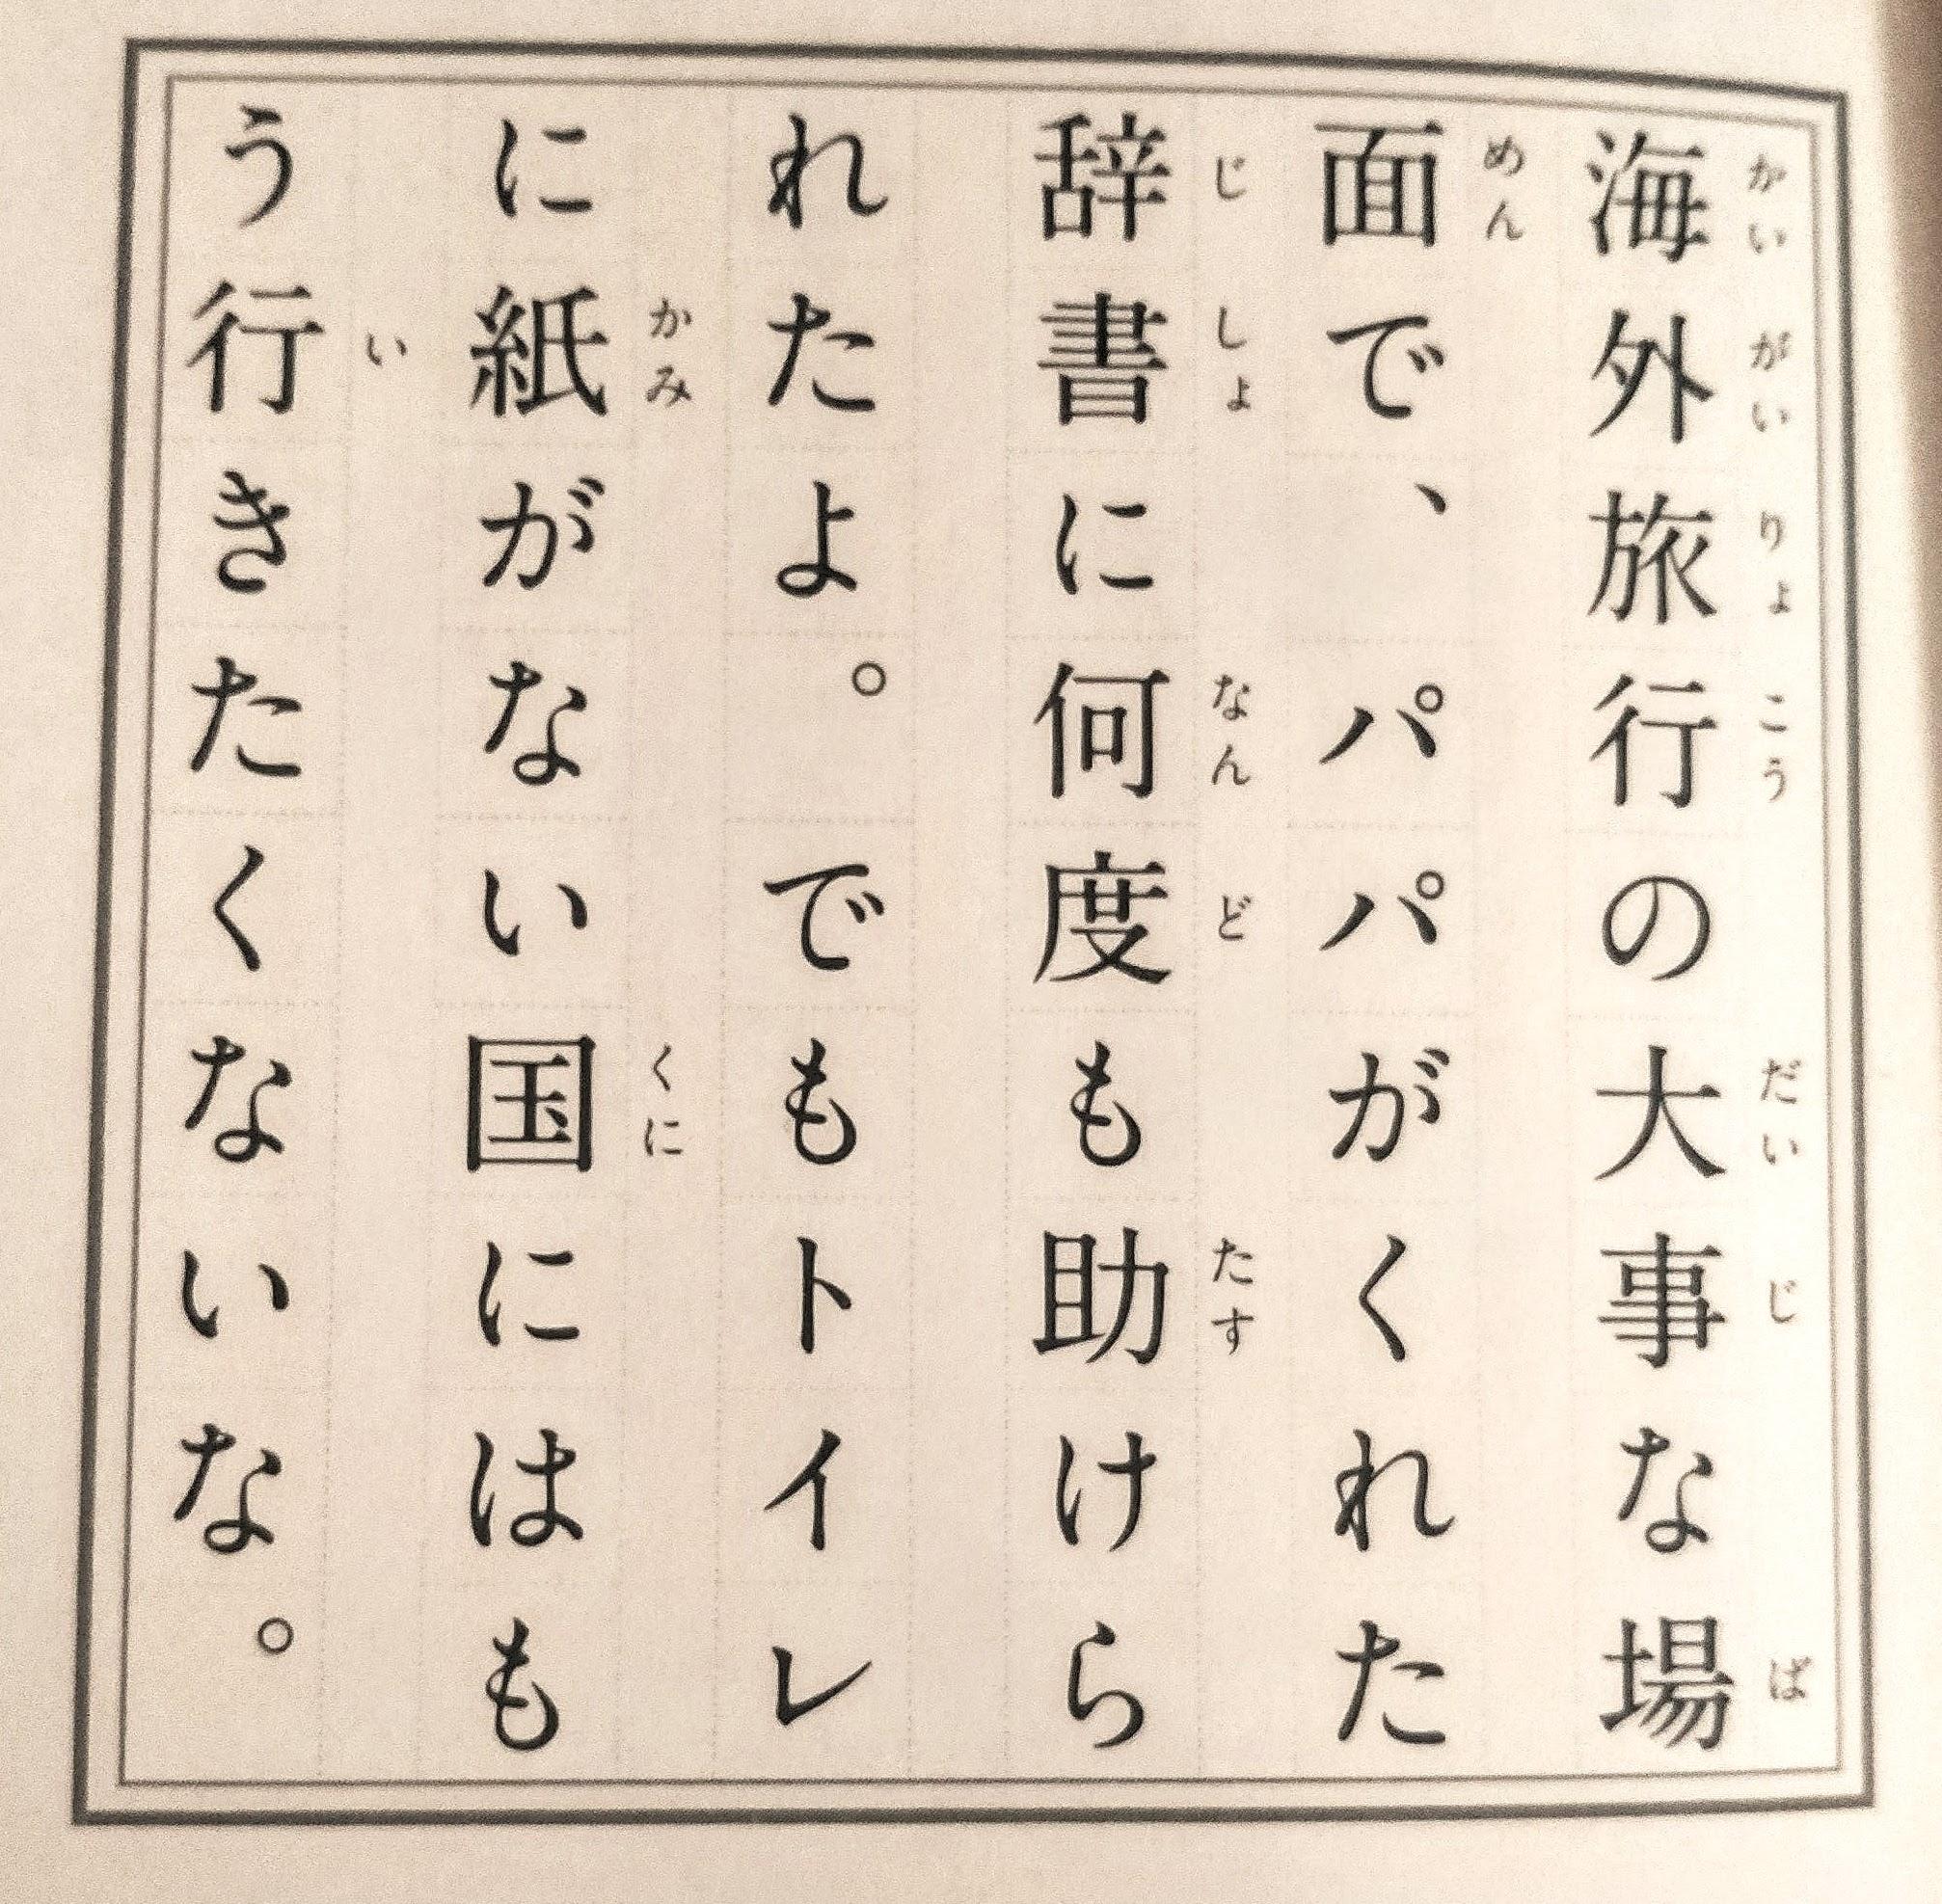 海外旅行の大事な場面で、パパがくれた辞書に何度も助けられたよ。でもトイレに紙がない国にはもう行きたくないな。